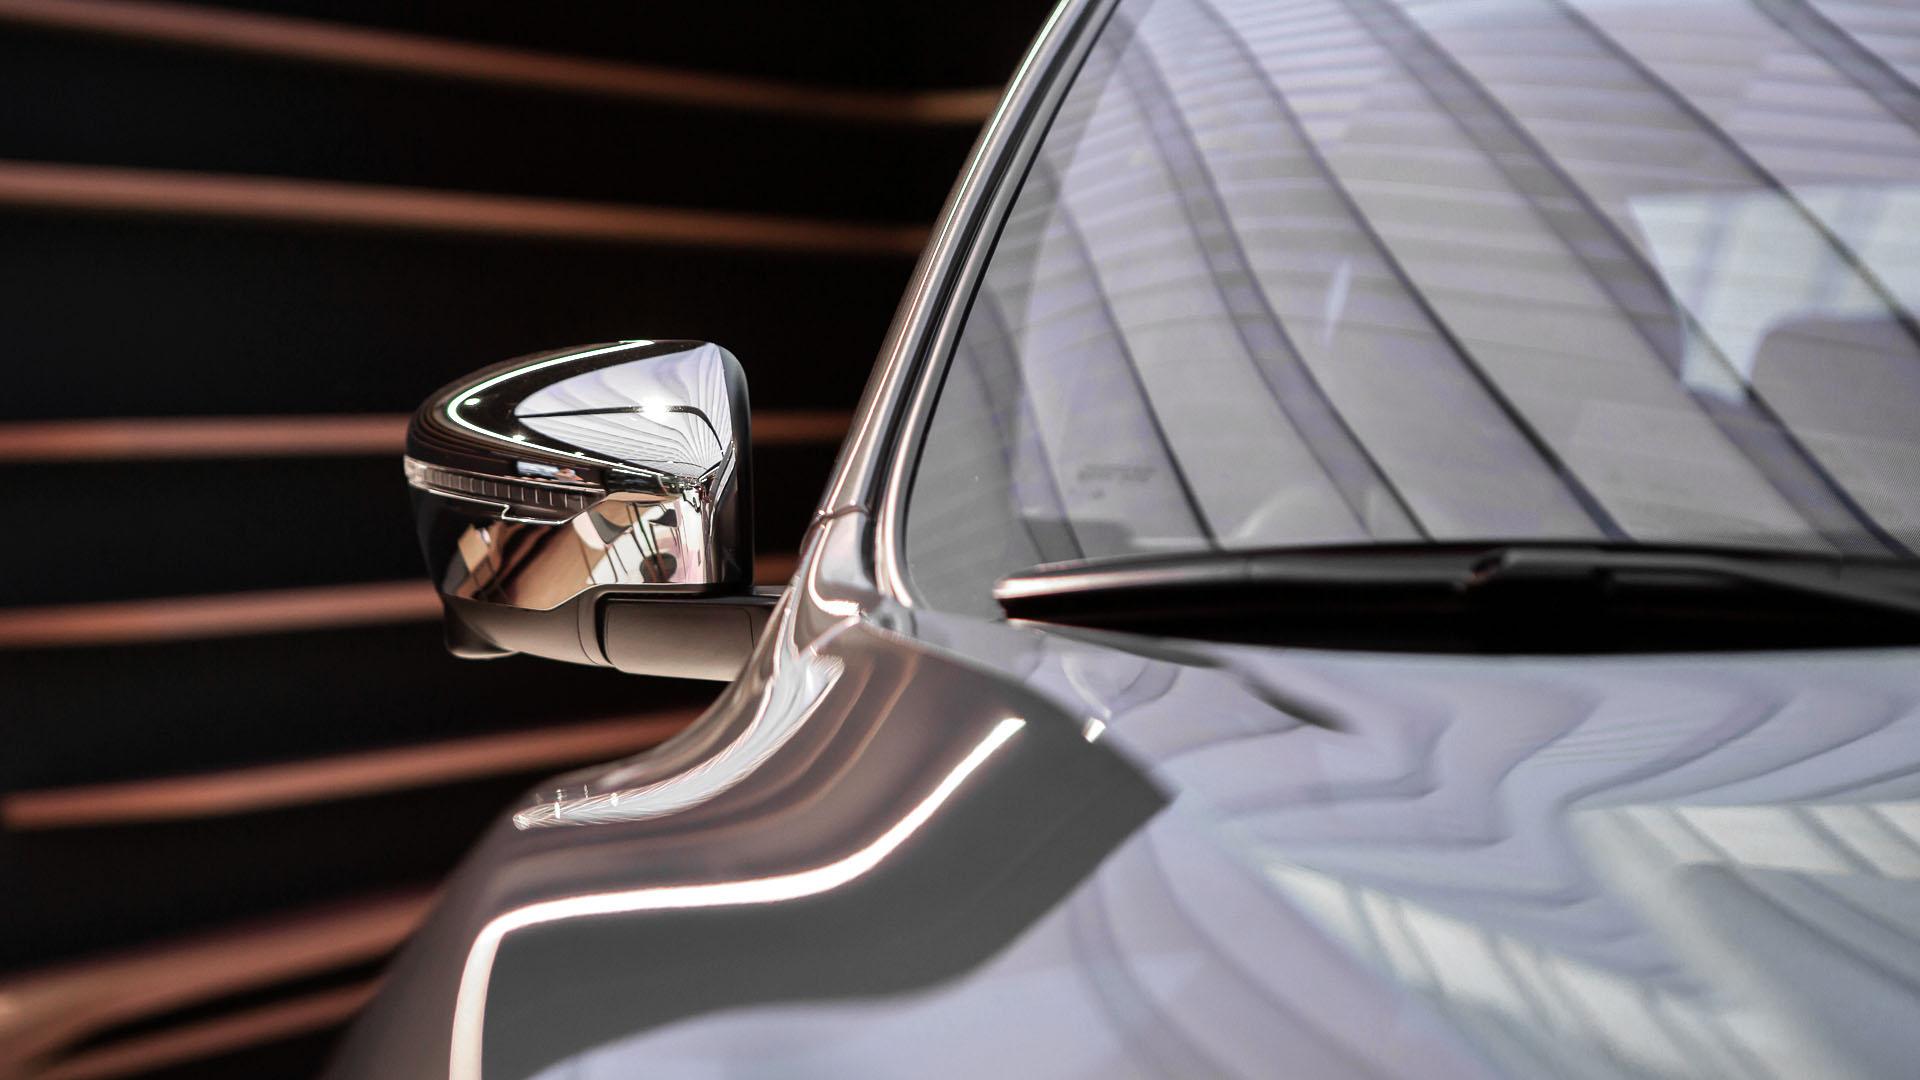 Nissan-Details_0000_Layer-3.jpg